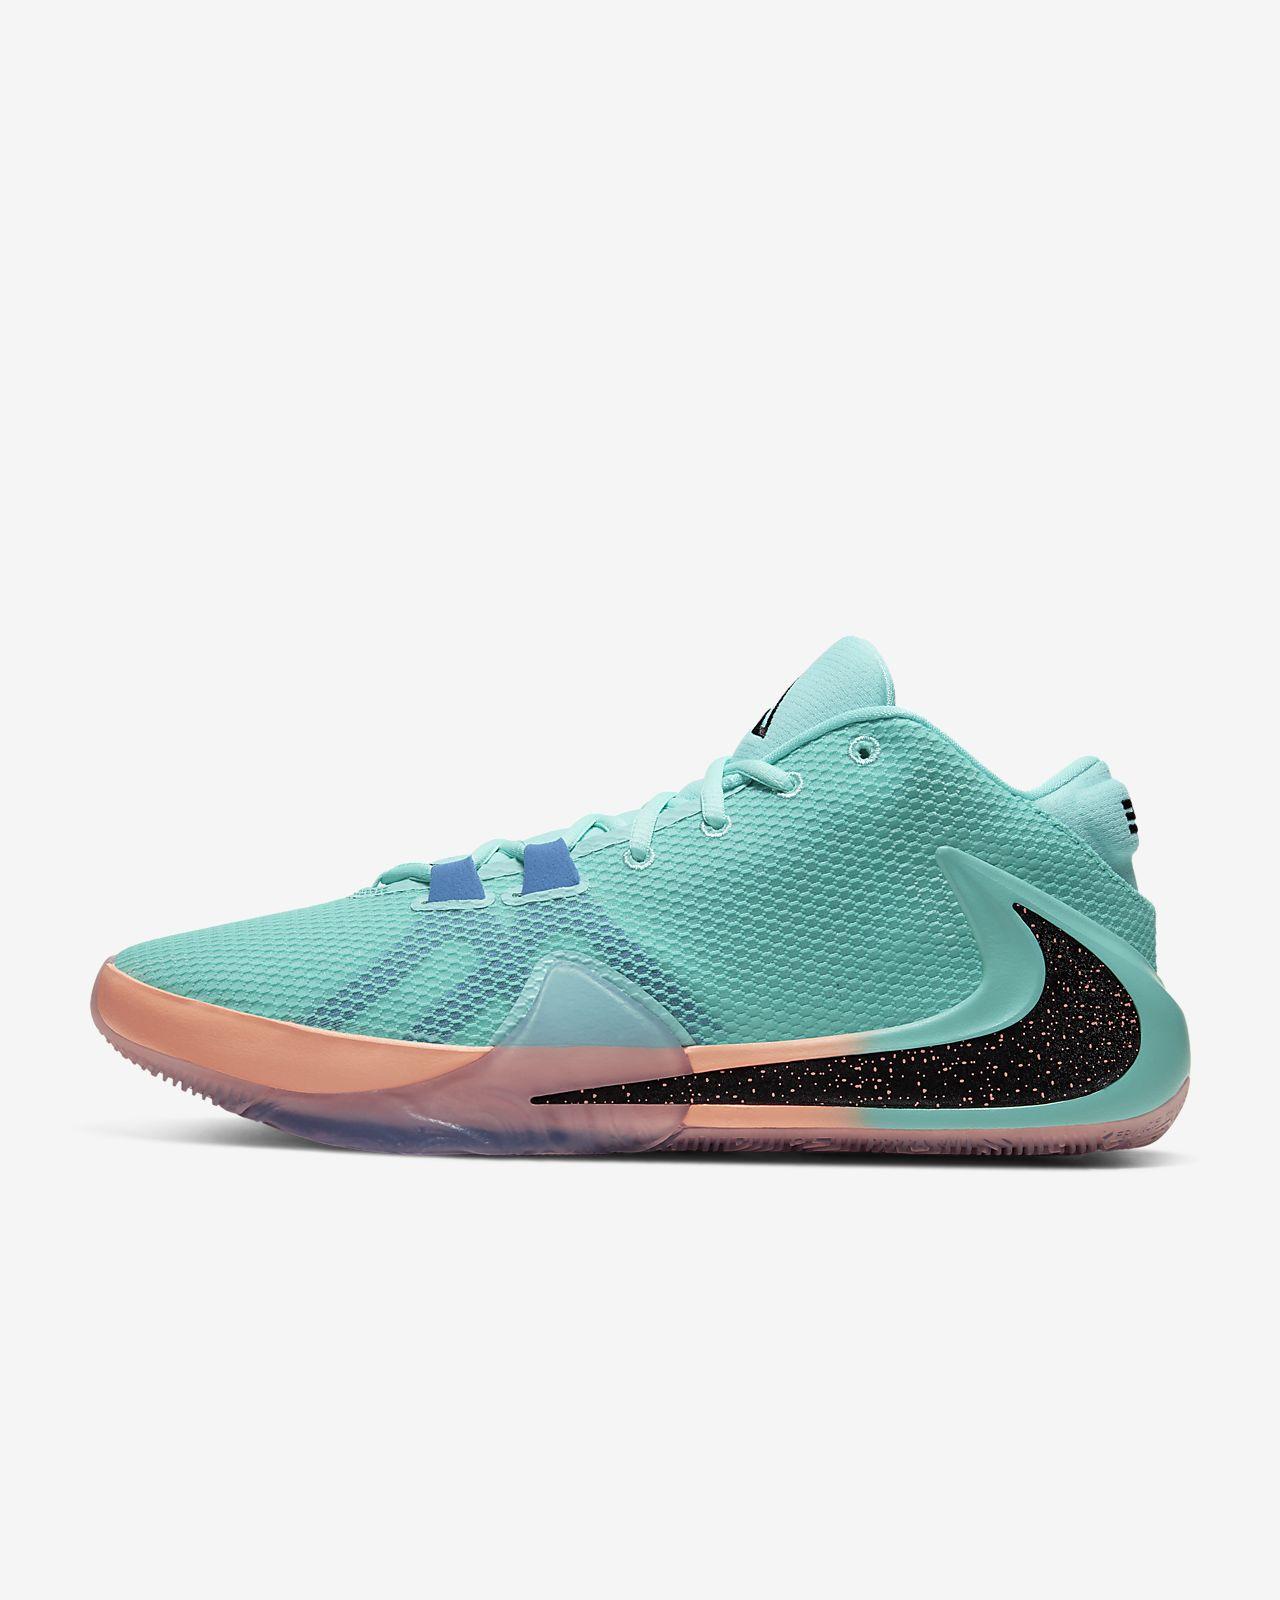 Zoom Freak 1 Basketball Shoe